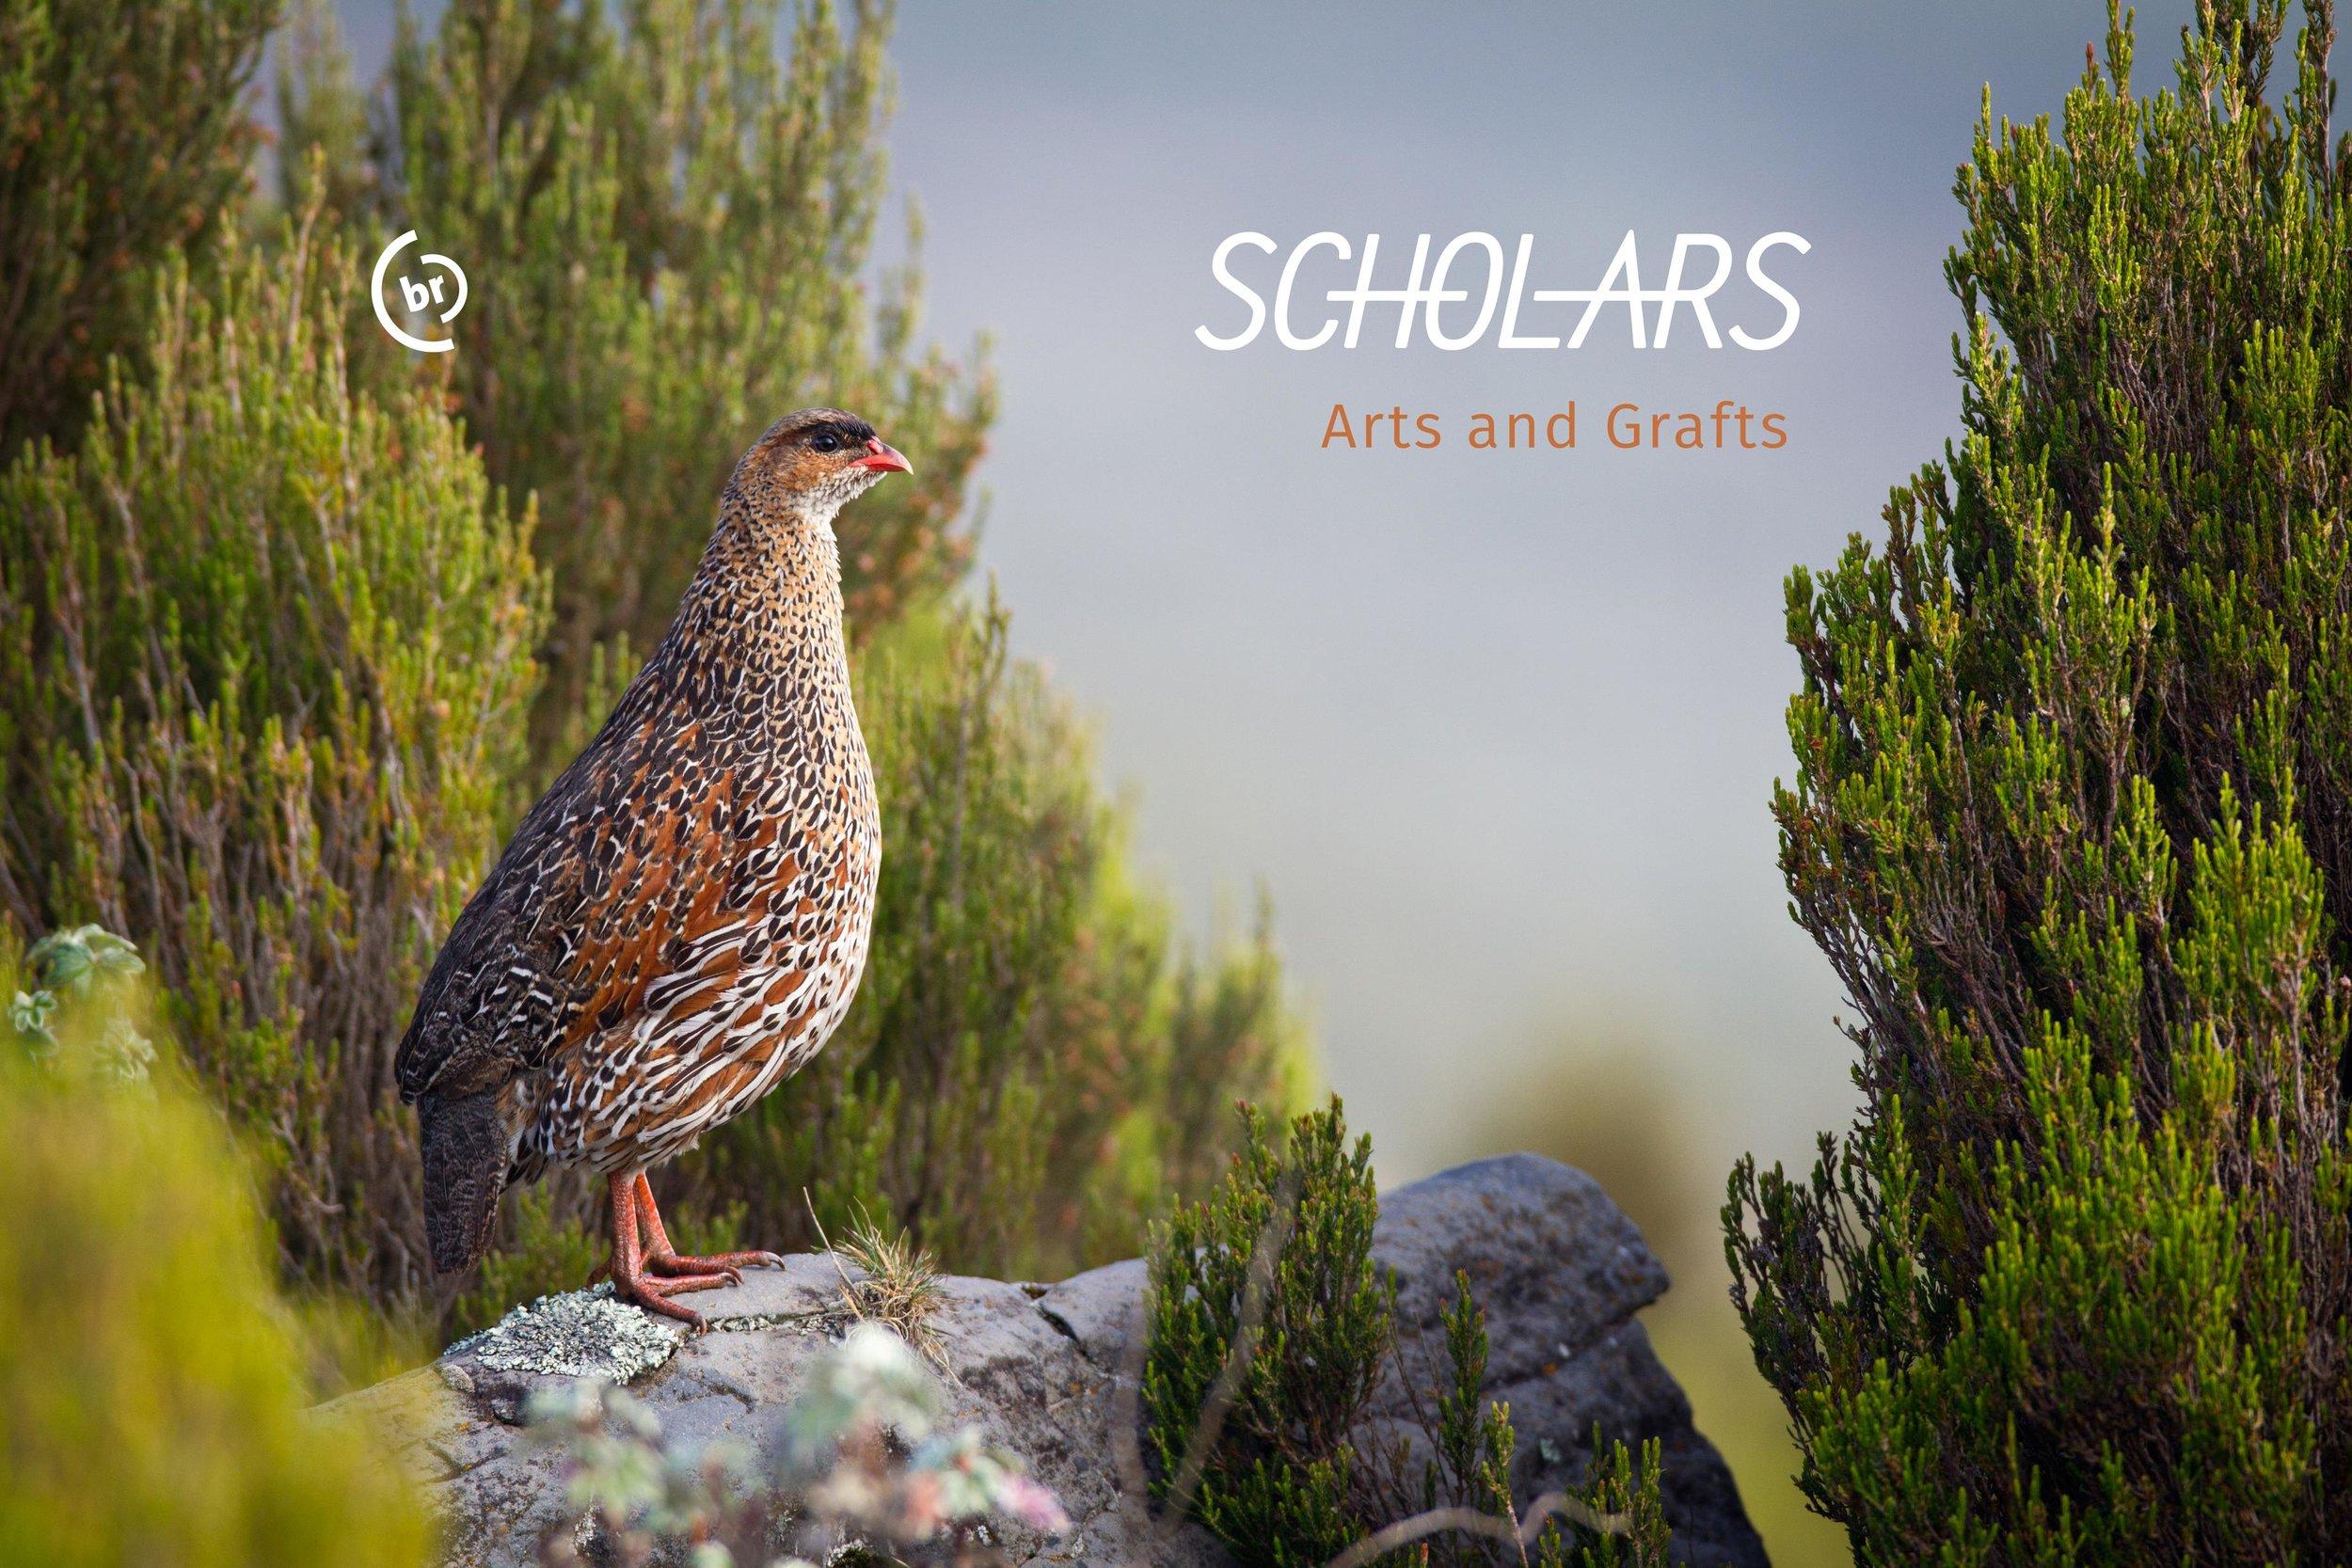 Scholars-ArtsAndGrafts-WEBheader-3672.jpg